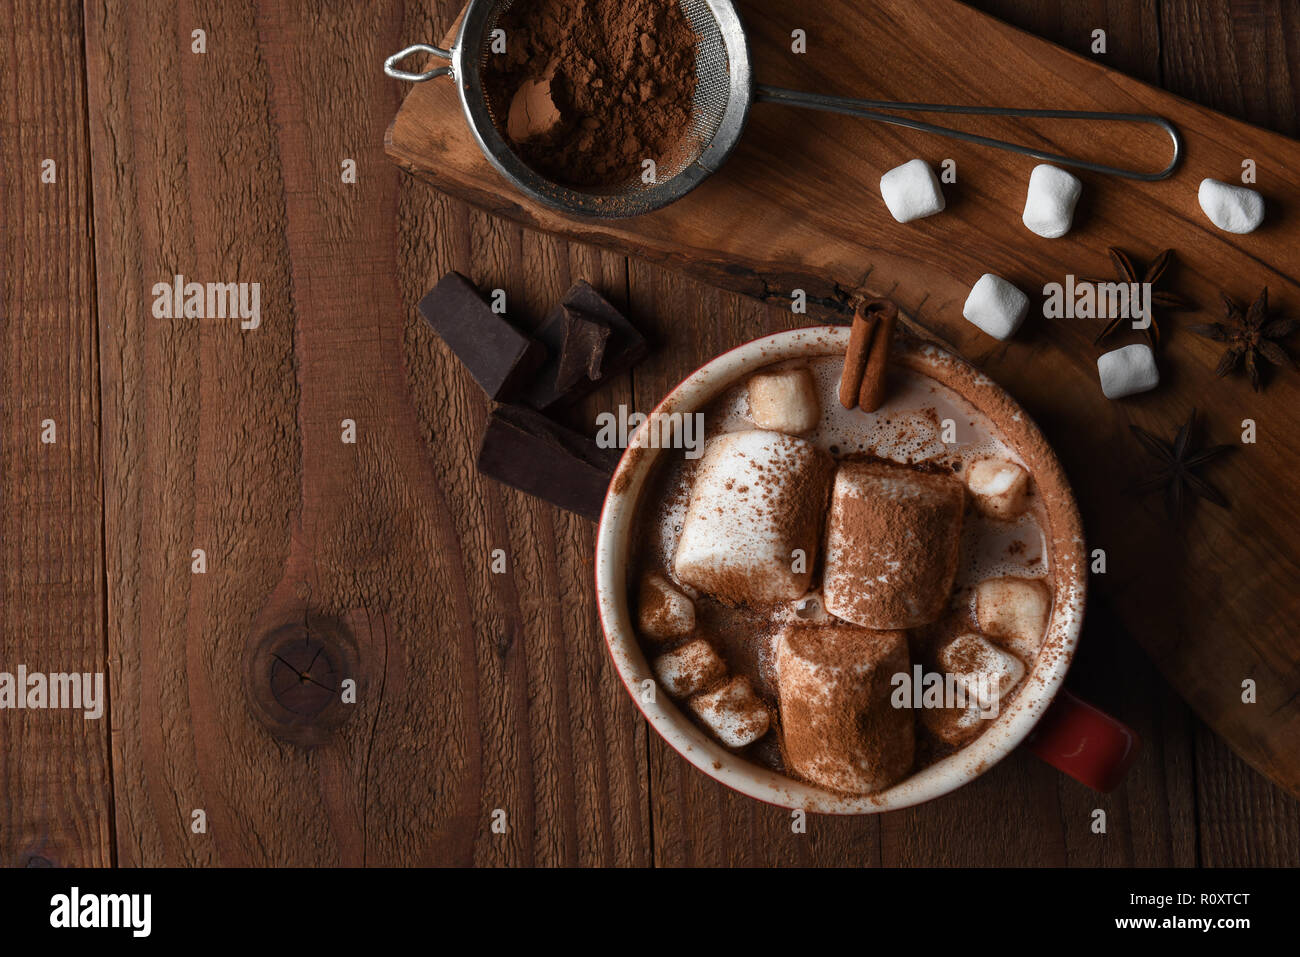 Coup de frais généraux d'une grande tasse de chocolat chaud avec des guimauves sur une table de cuisine en bois rustique, avec l'exemplaire de l'espace. Banque D'Images